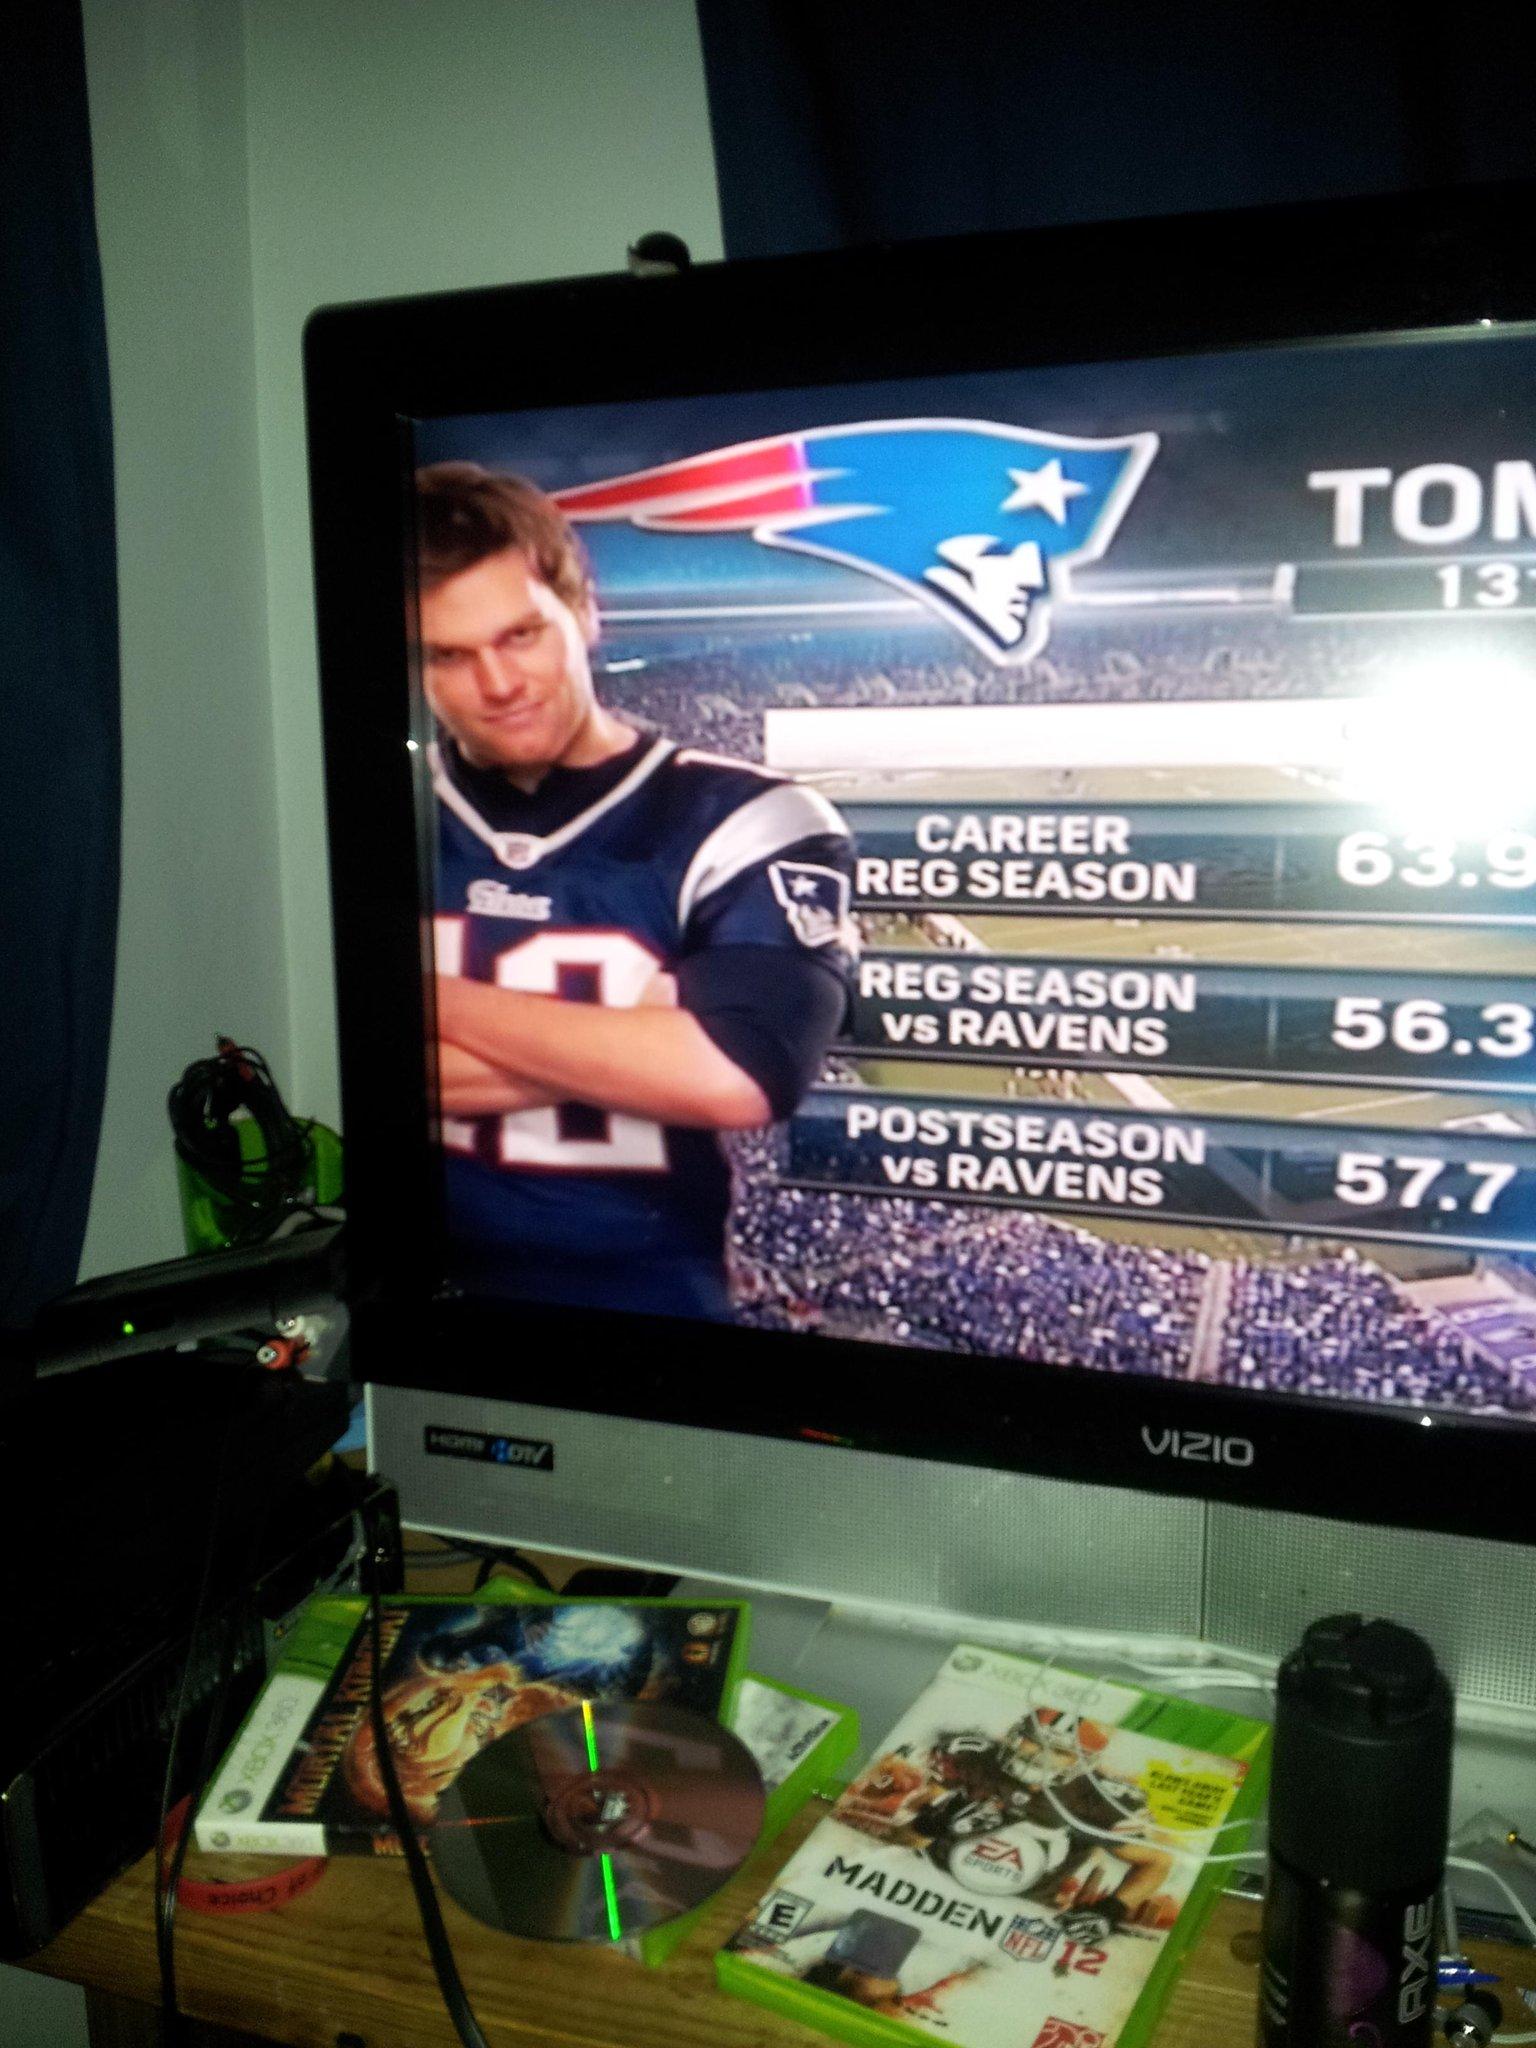 Tom Brady Look like a Rapist lol http://t.co/H1H1SPyd